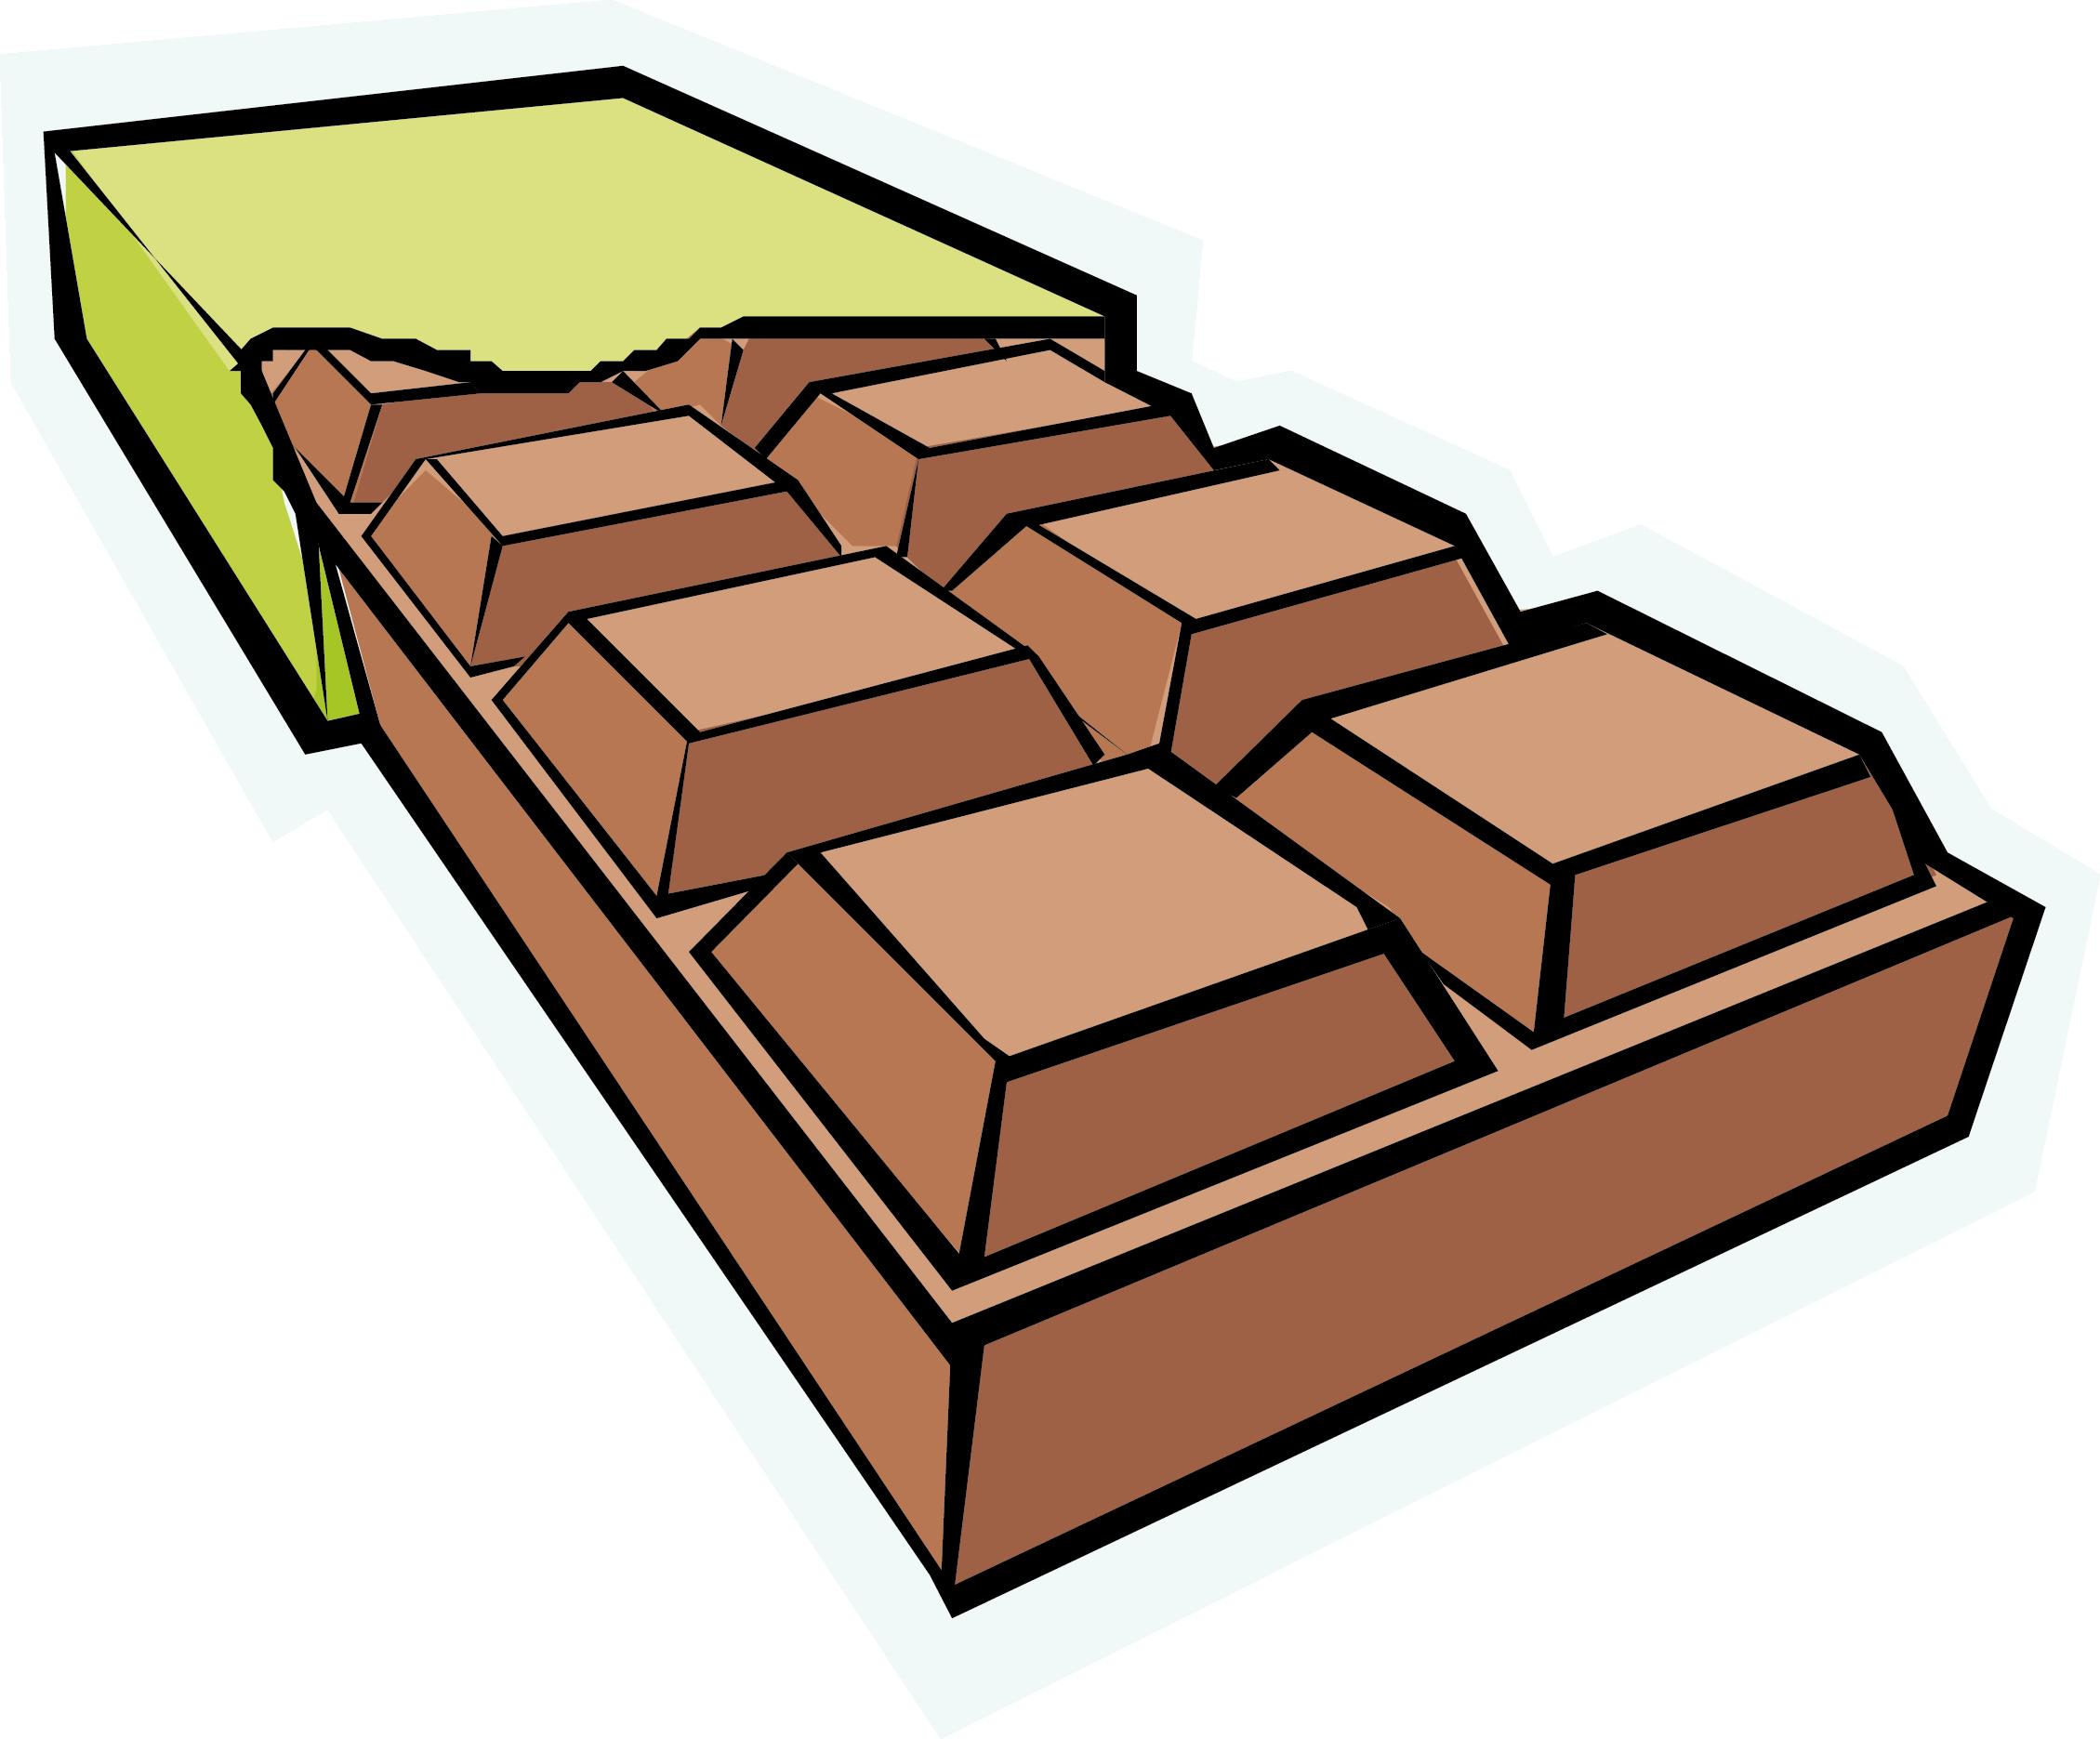 Шоколадки картинки для детей, анимашки природы